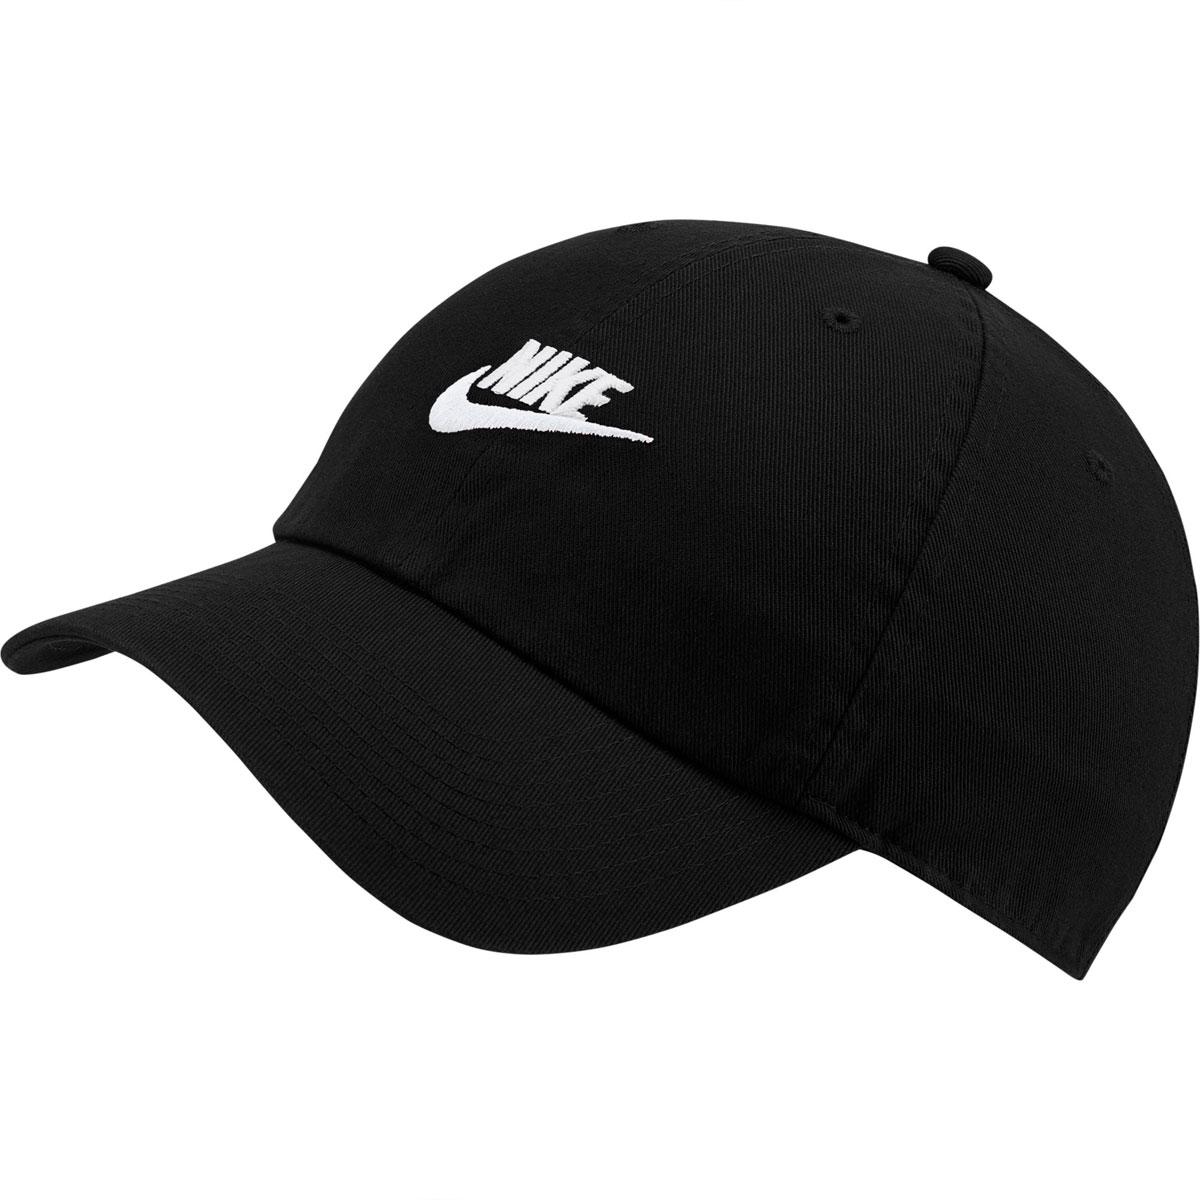 Men's Heritage86 Futura Cap, Black/White, swatch